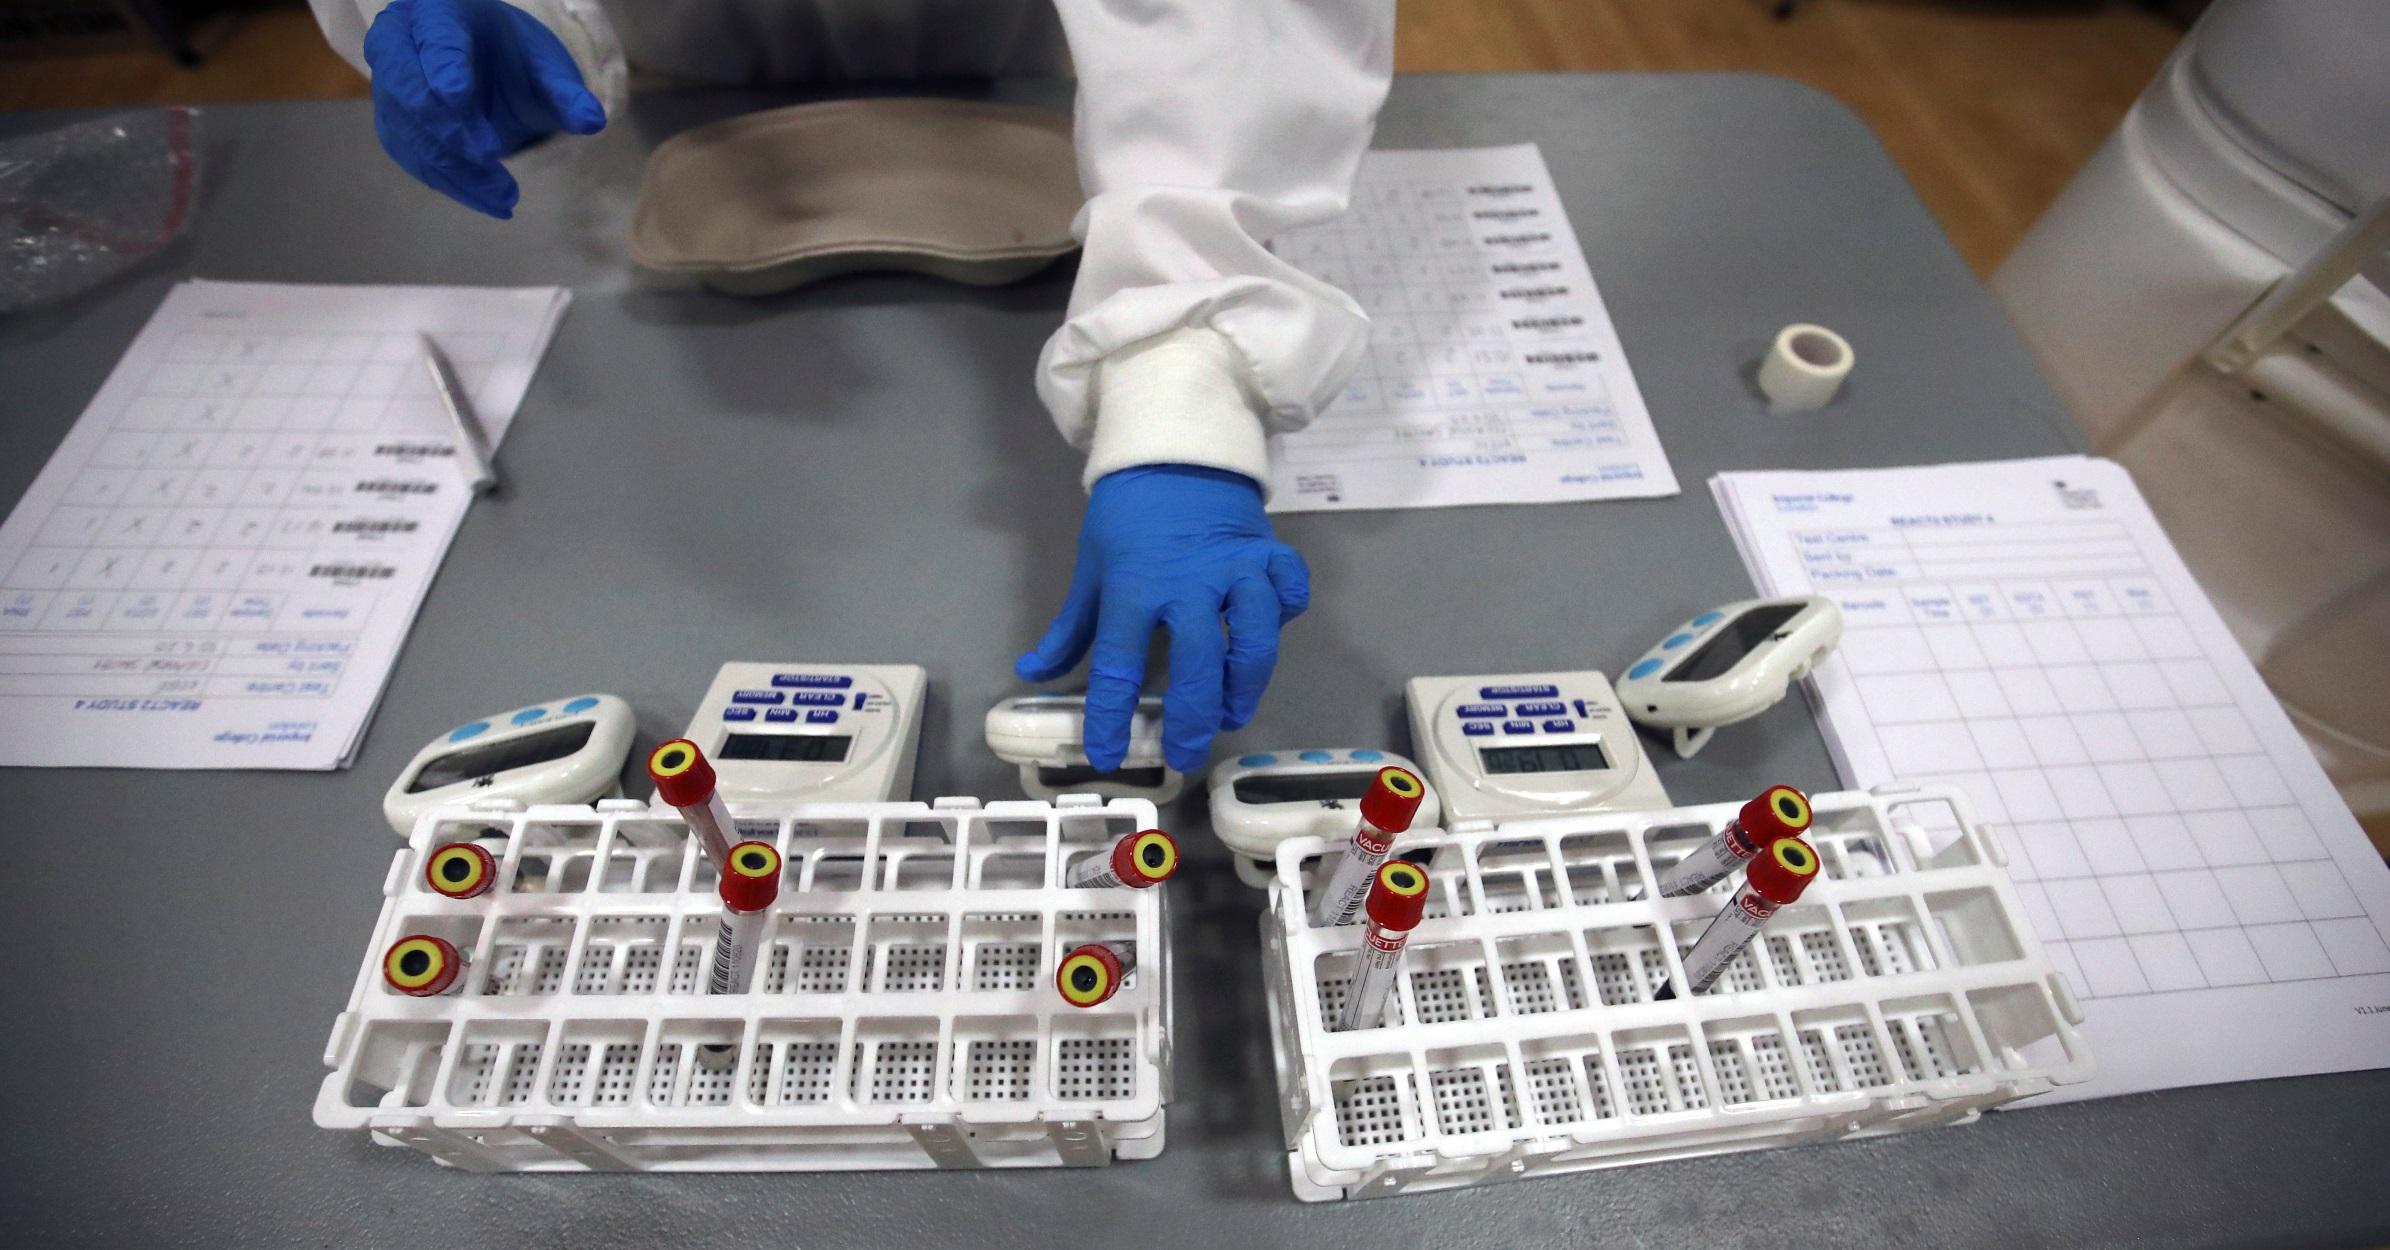 Βρετανία: Ακόμα 155 θάνατοι από κορονοϊό – Συνολικά σχεδόν 44.000